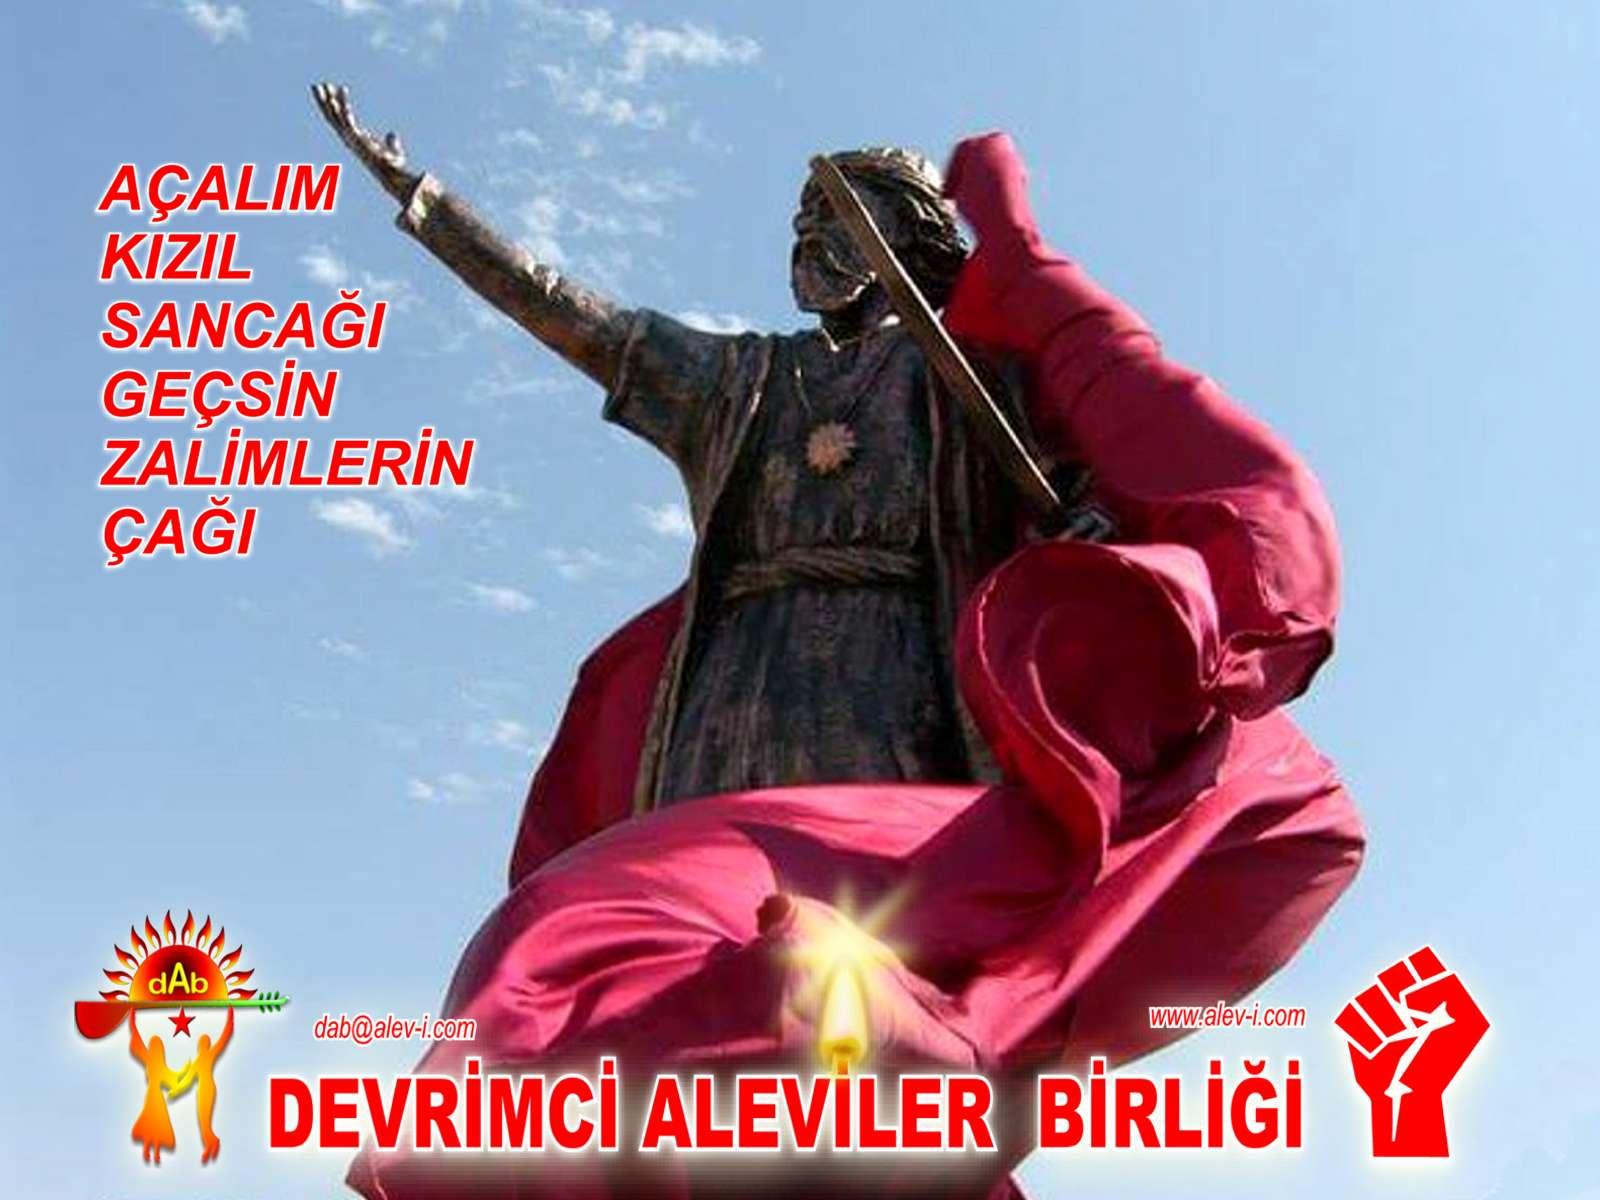 Devrimci Aleviler Birliği DAB Alevi Kızılbaş Bektaşi pir sultan cem hz Ali 12 imam semah Feramuz Şah Acar Pir sultan diren DAB